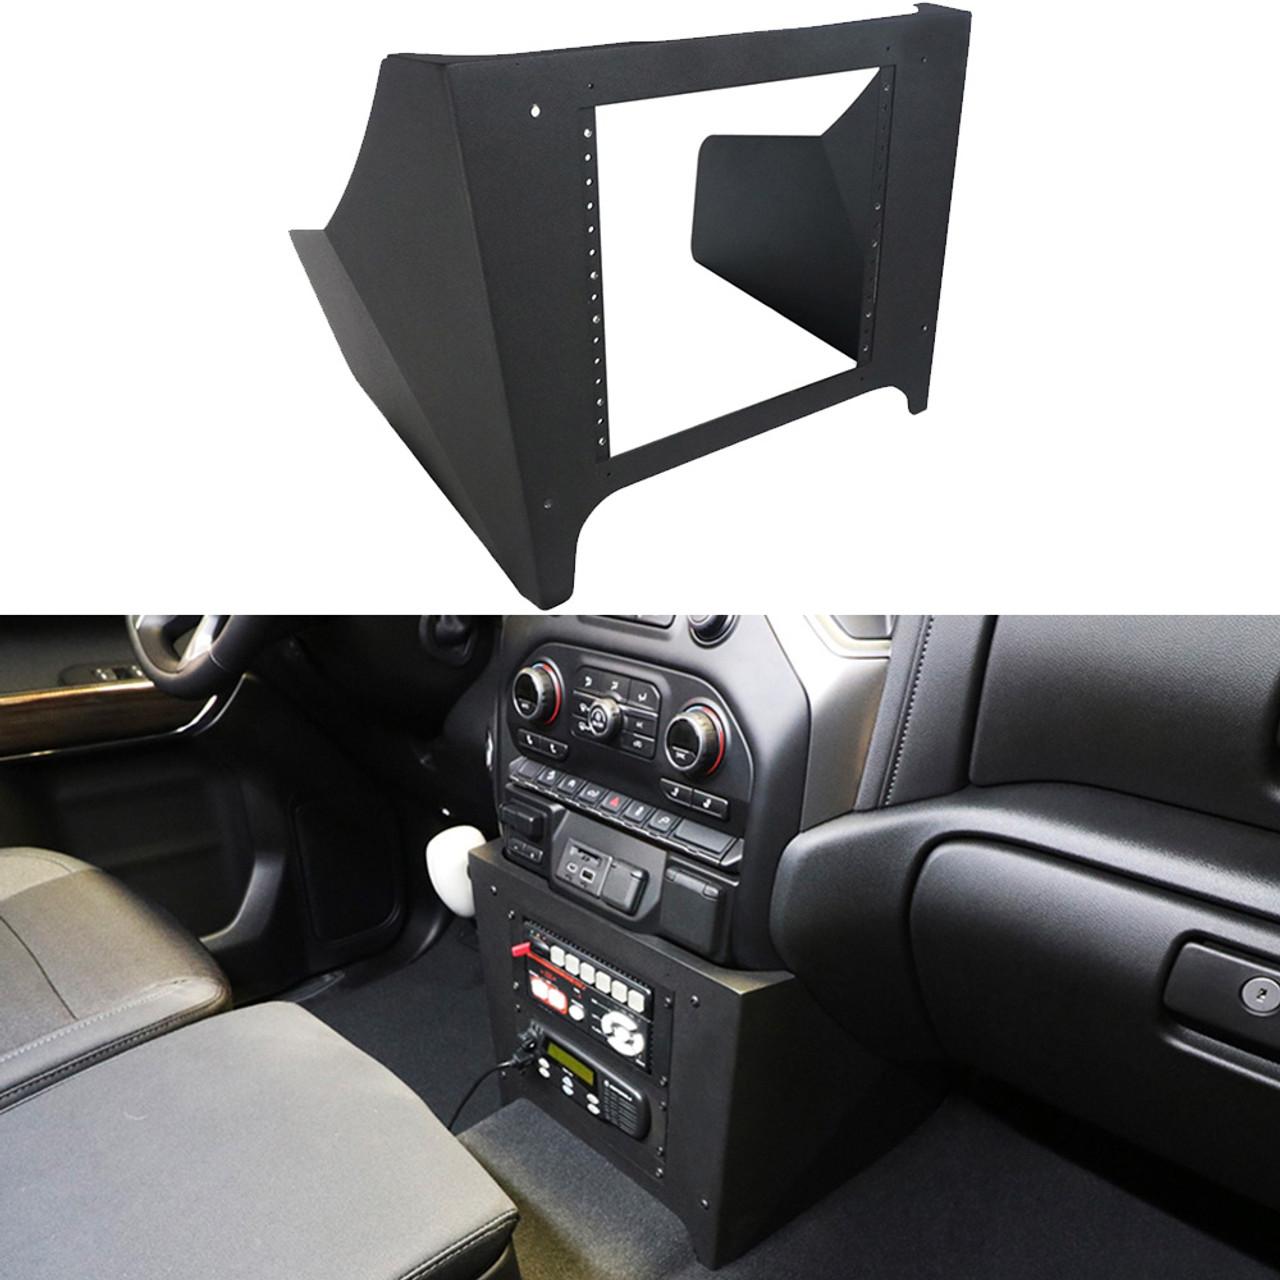 Jotto Desk 425-6662 Vertical Dash Mount Contour Console ...